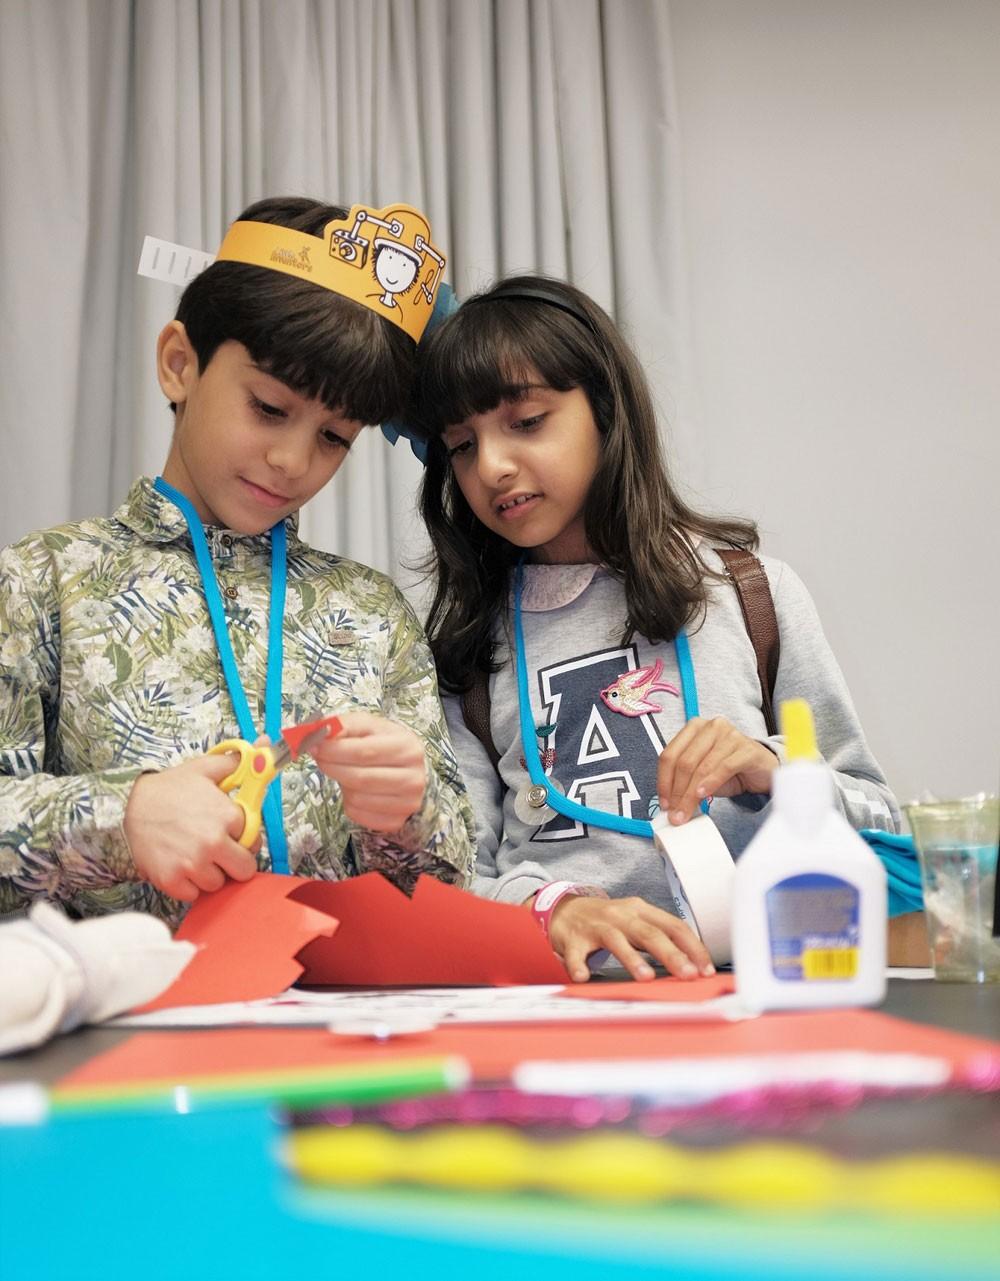 بينالي الشارقة للأطفال يقدّم ورشاً فنيّةً في 7 بلدان عربية وأجنبية